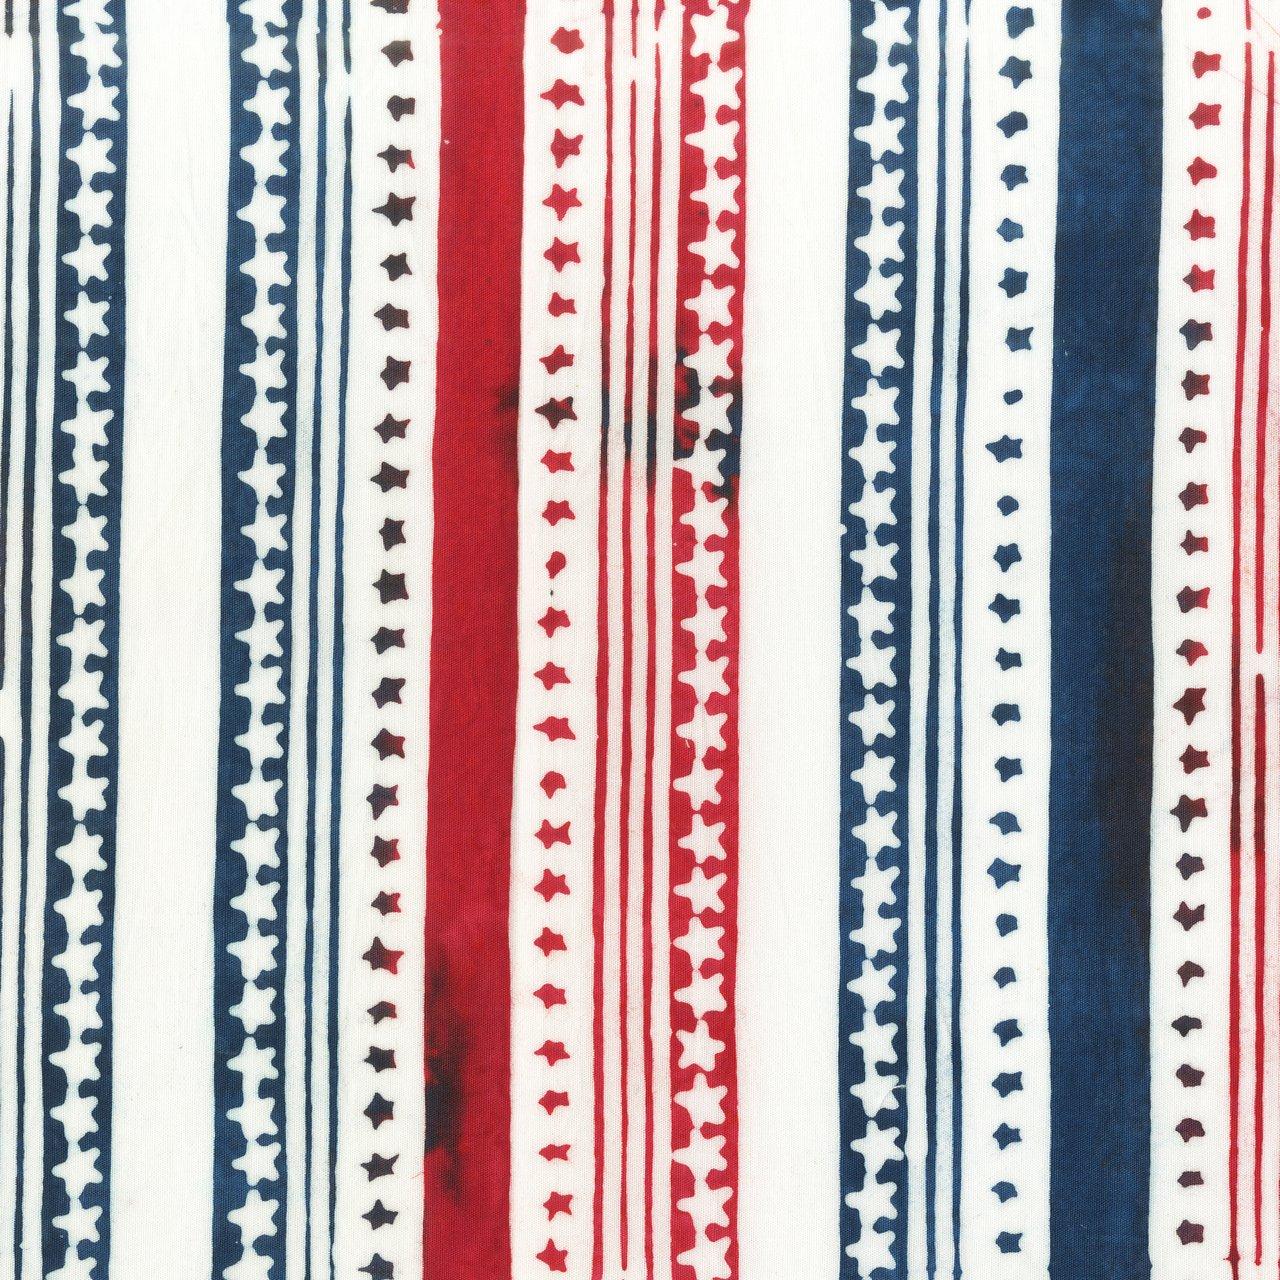 9003Q-1 Freedom Batiks by Anthology Fabrics